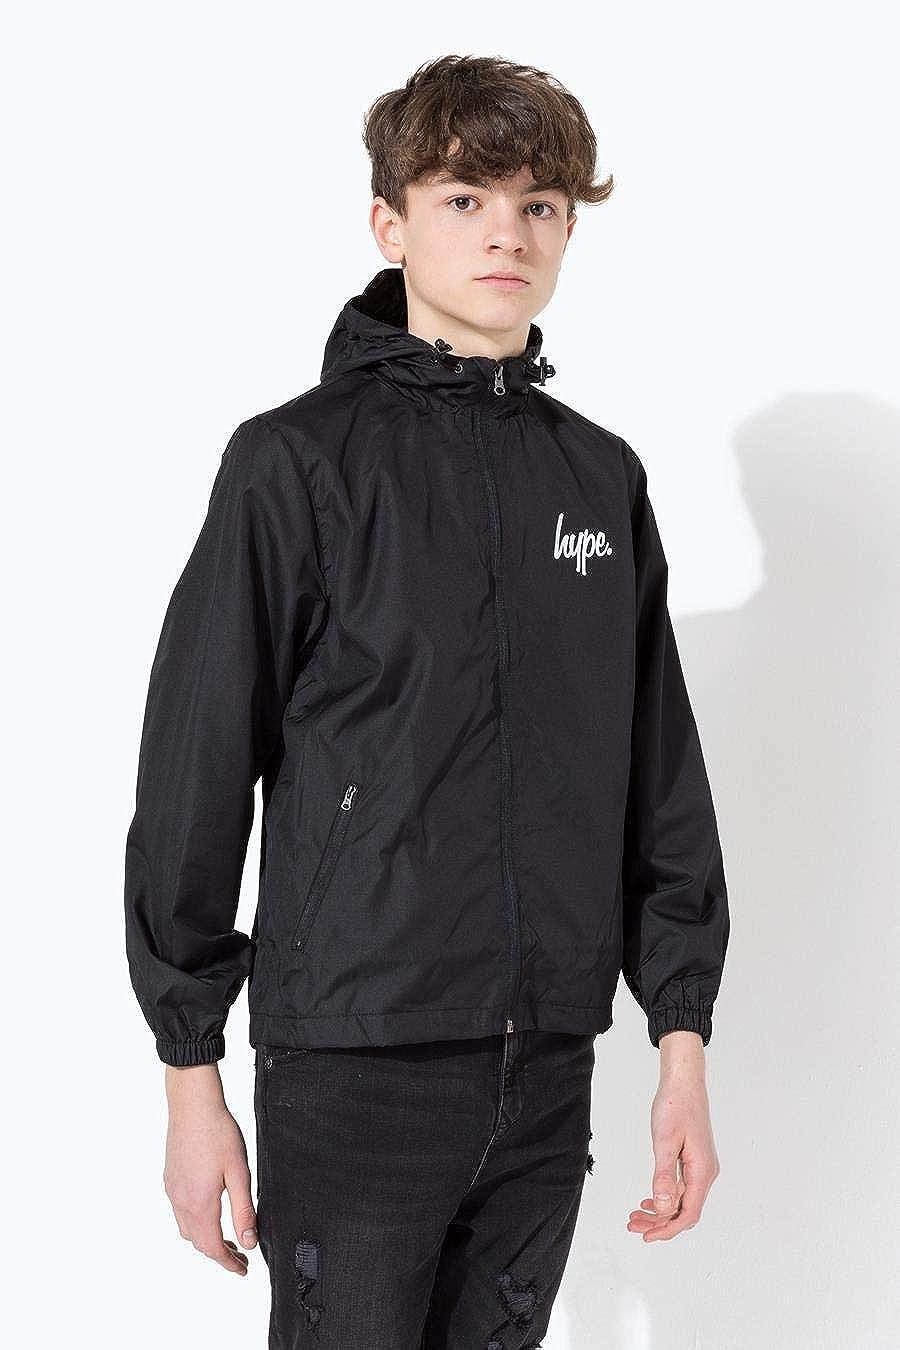 Hype Black Core Kids Runner Jacket